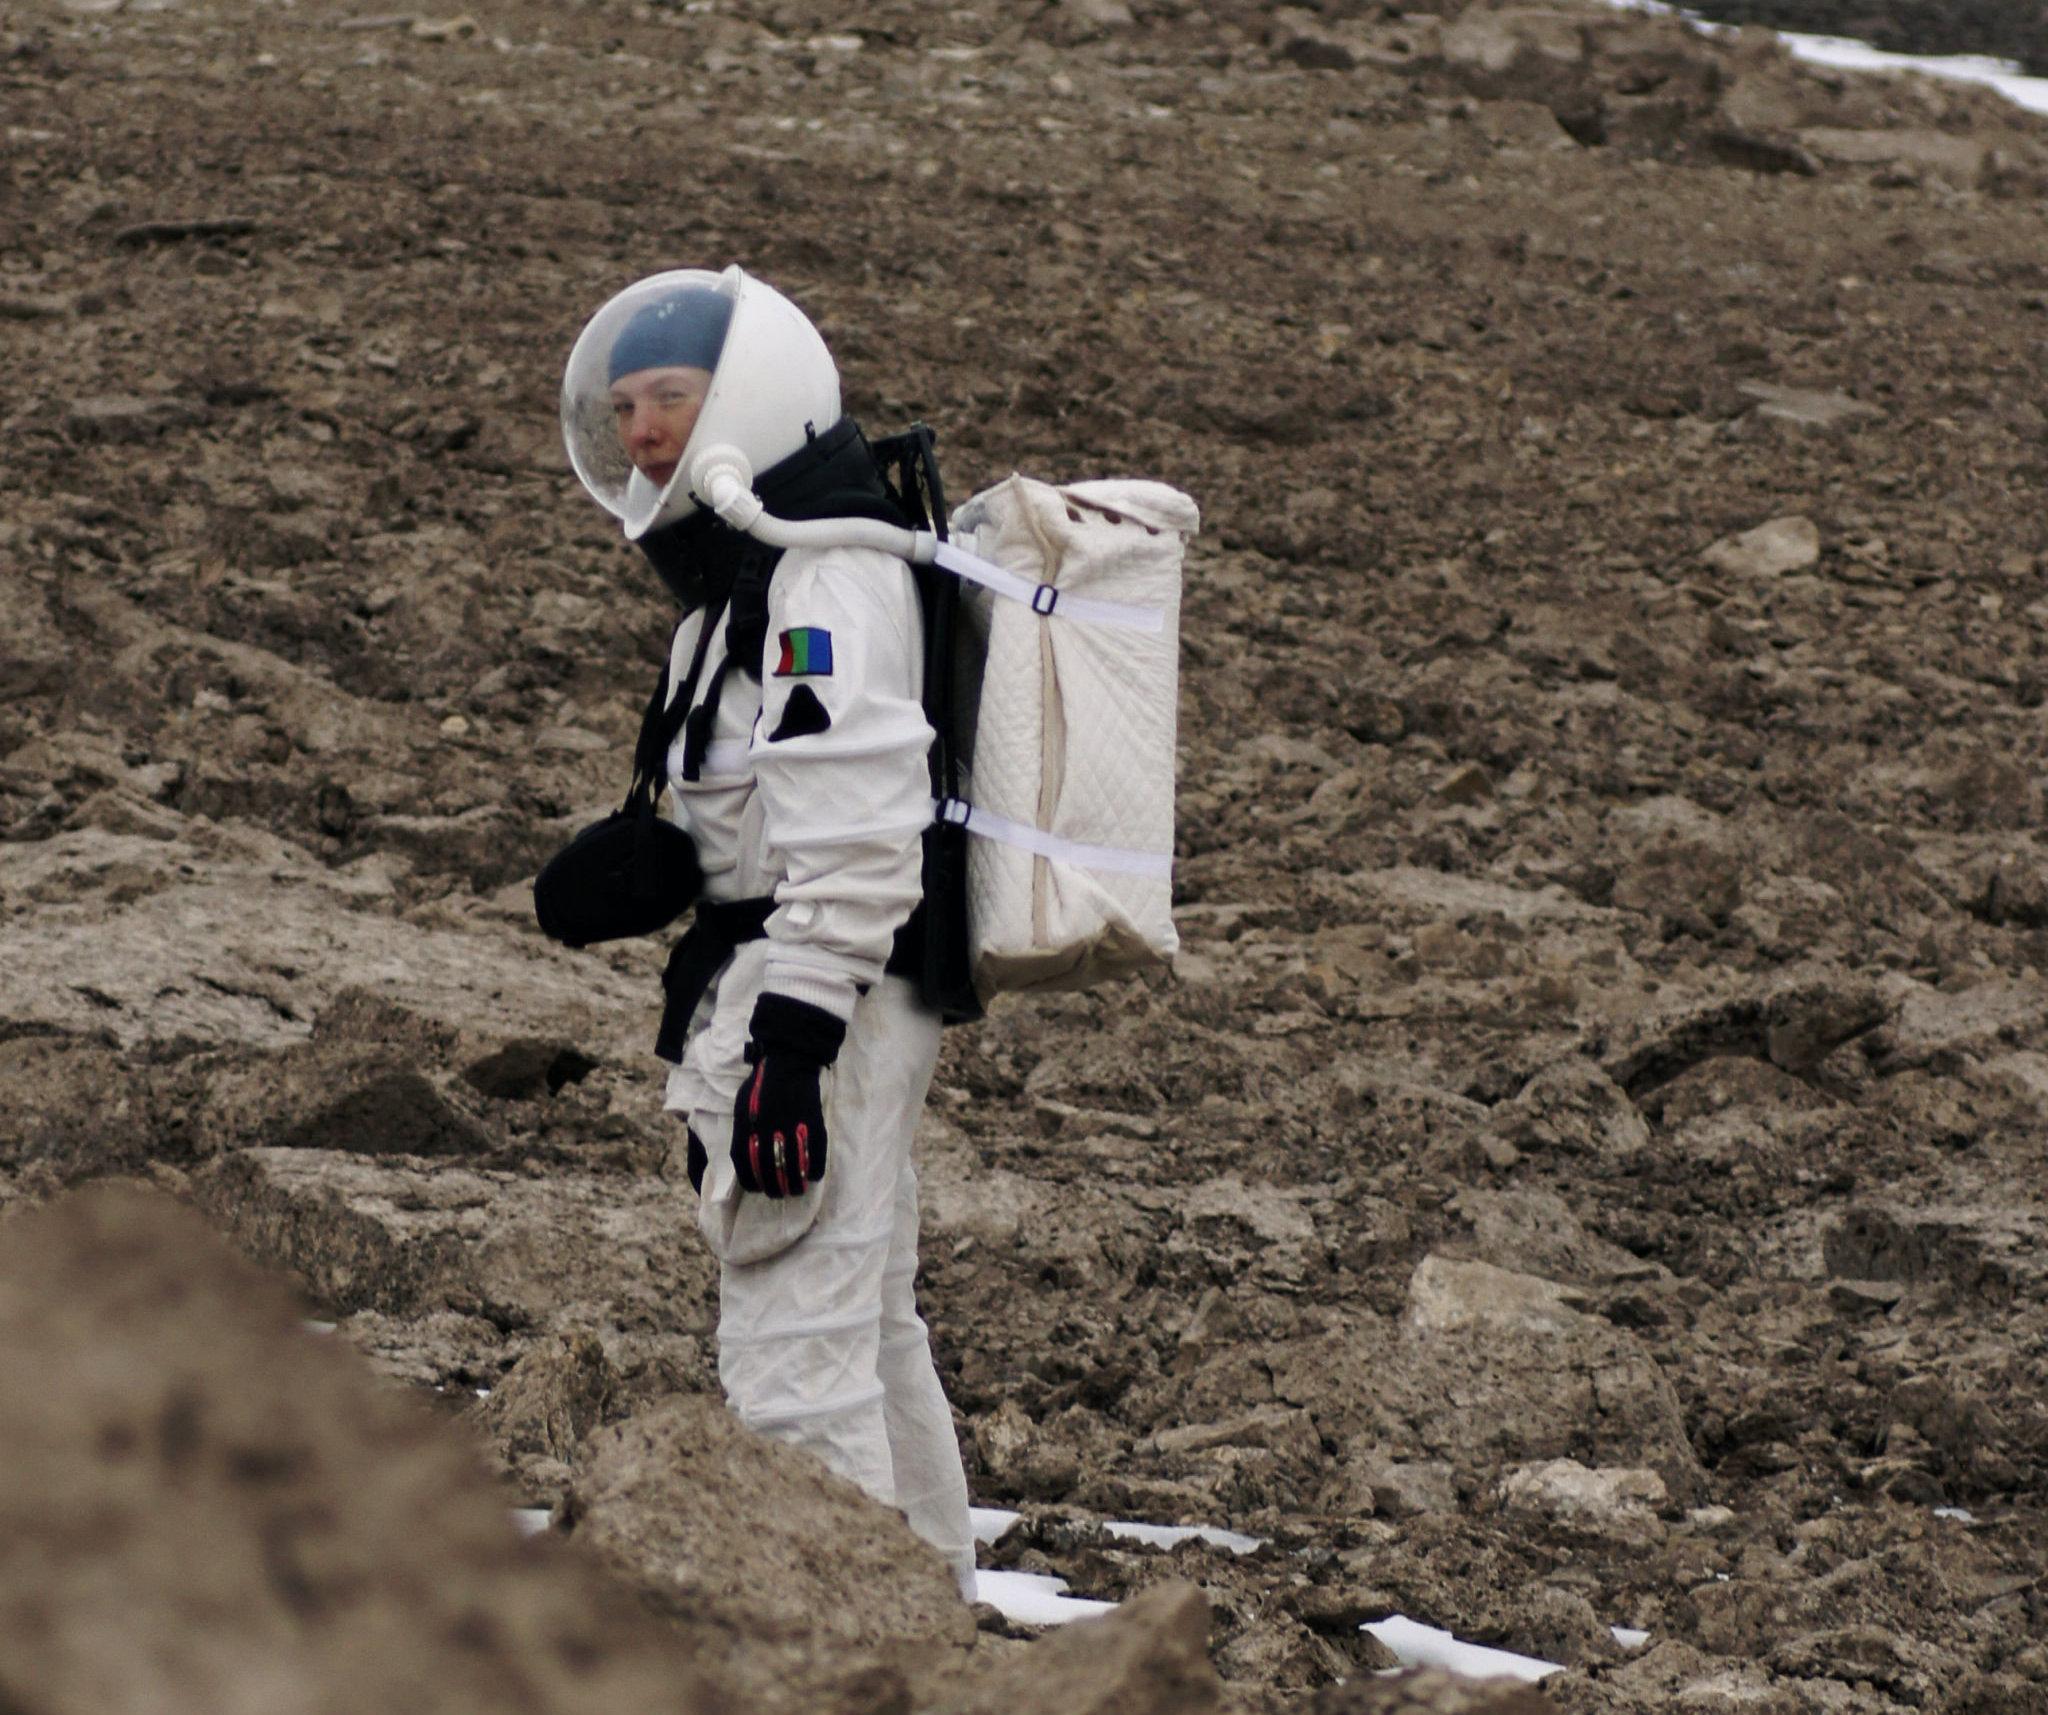 L'espace, pour toujours: ces jeunes femmes russes préparent leur aller simple vers Mars